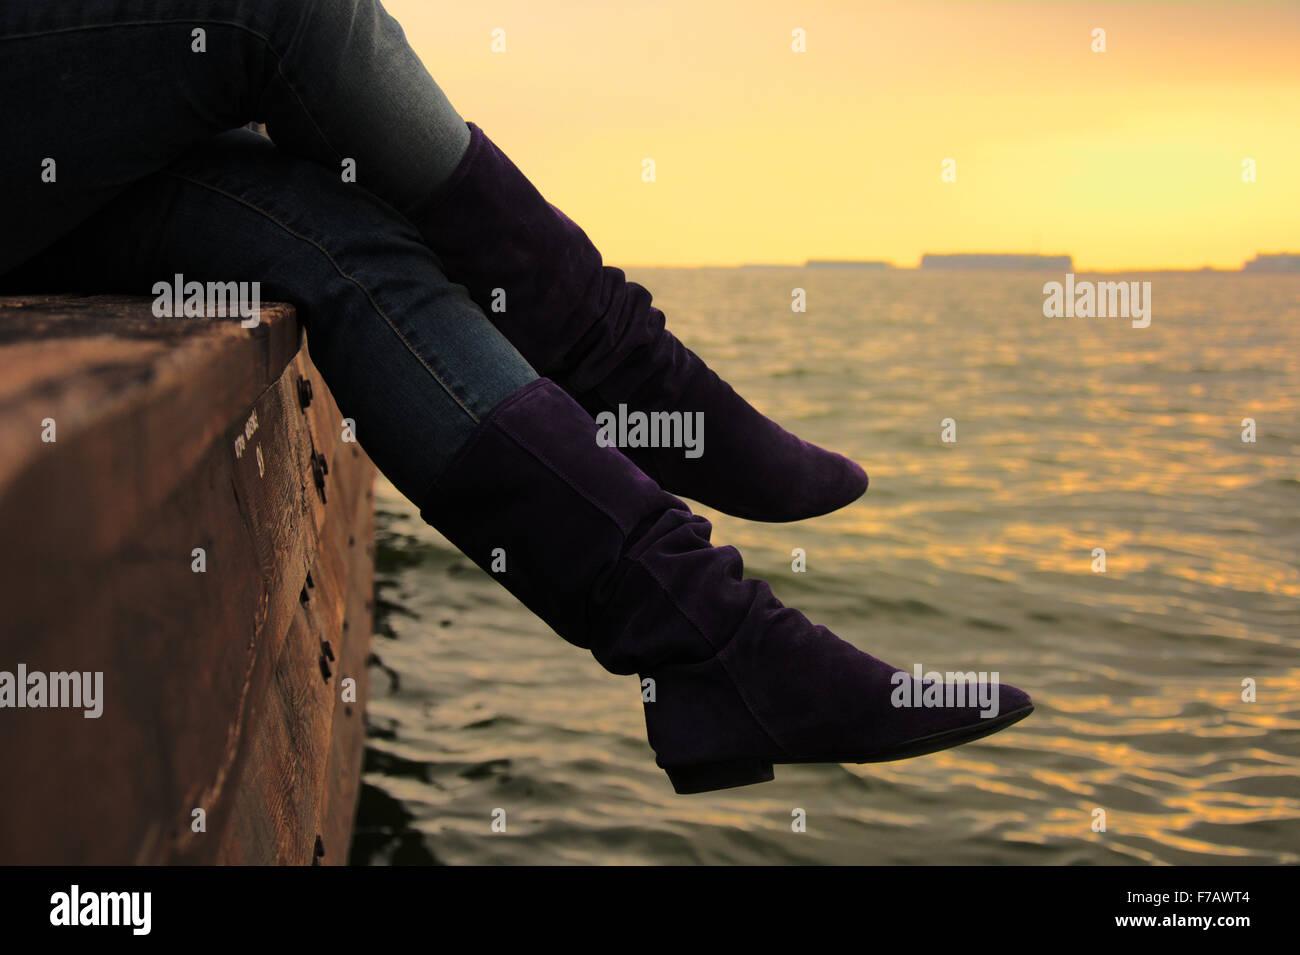 Lila Wildlederstiefel über das Kaspische Meer bei Sonnenuntergang Stockbild